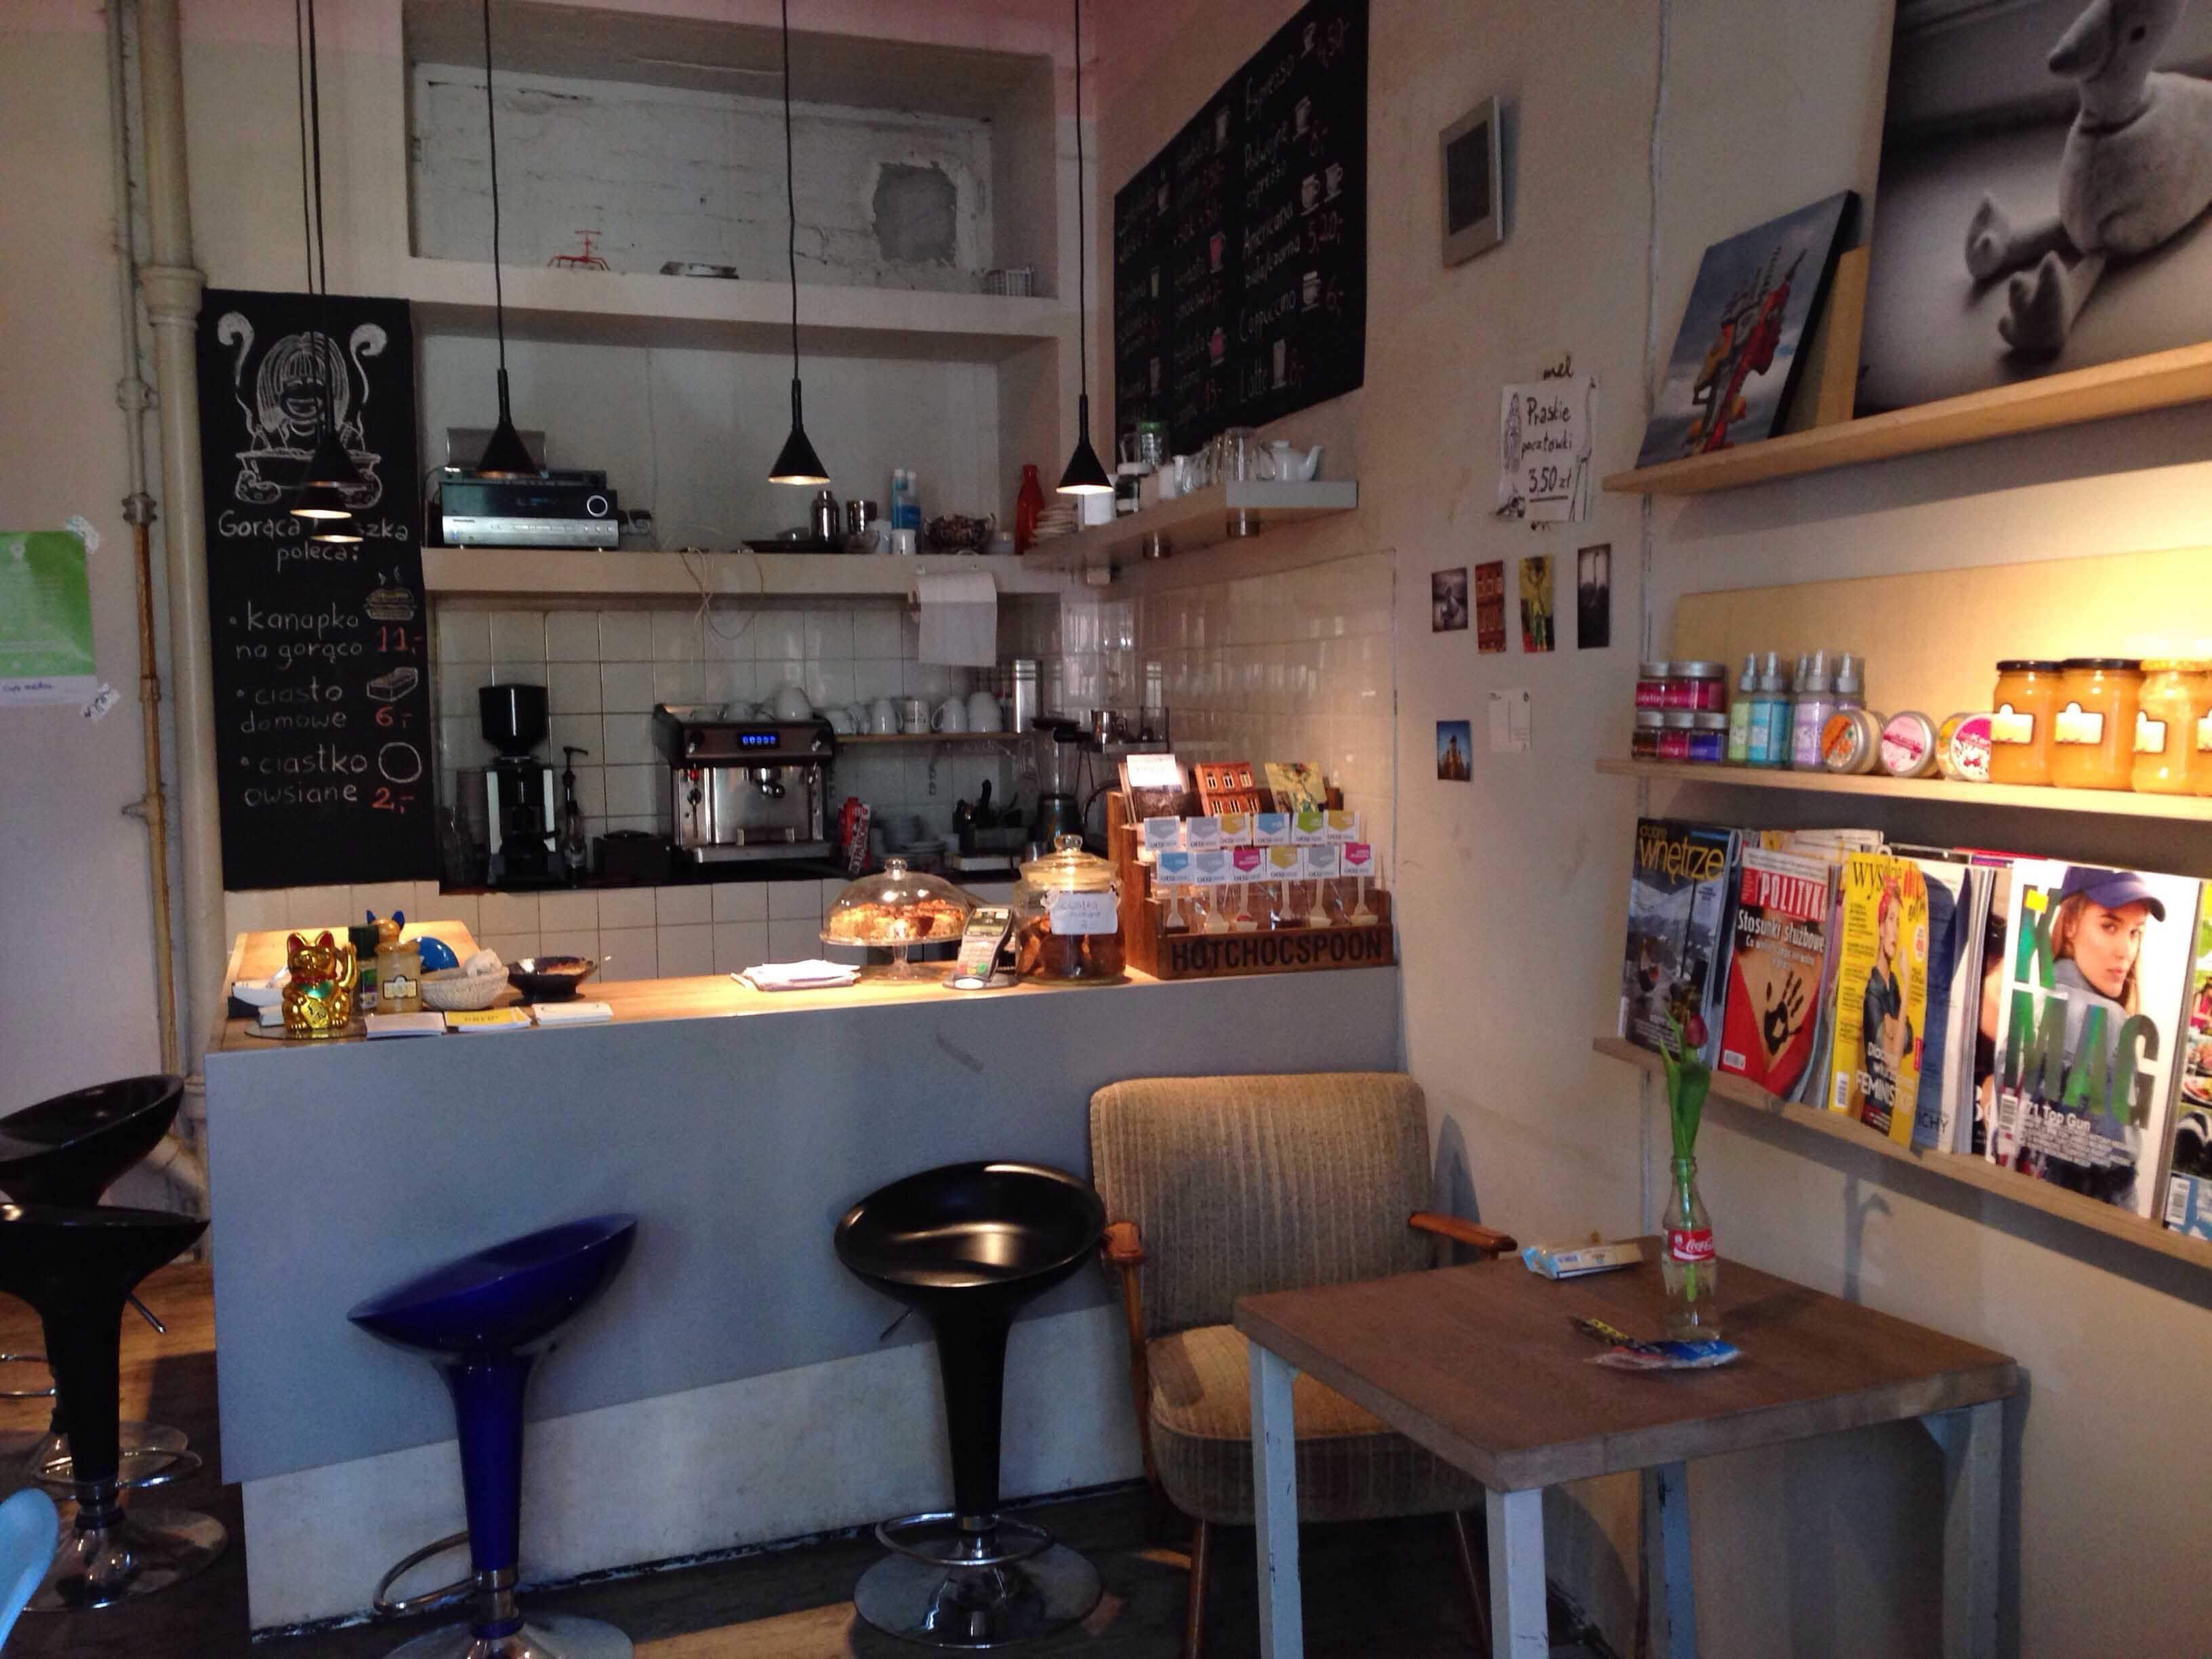 Intymne kawiarnie warszawa